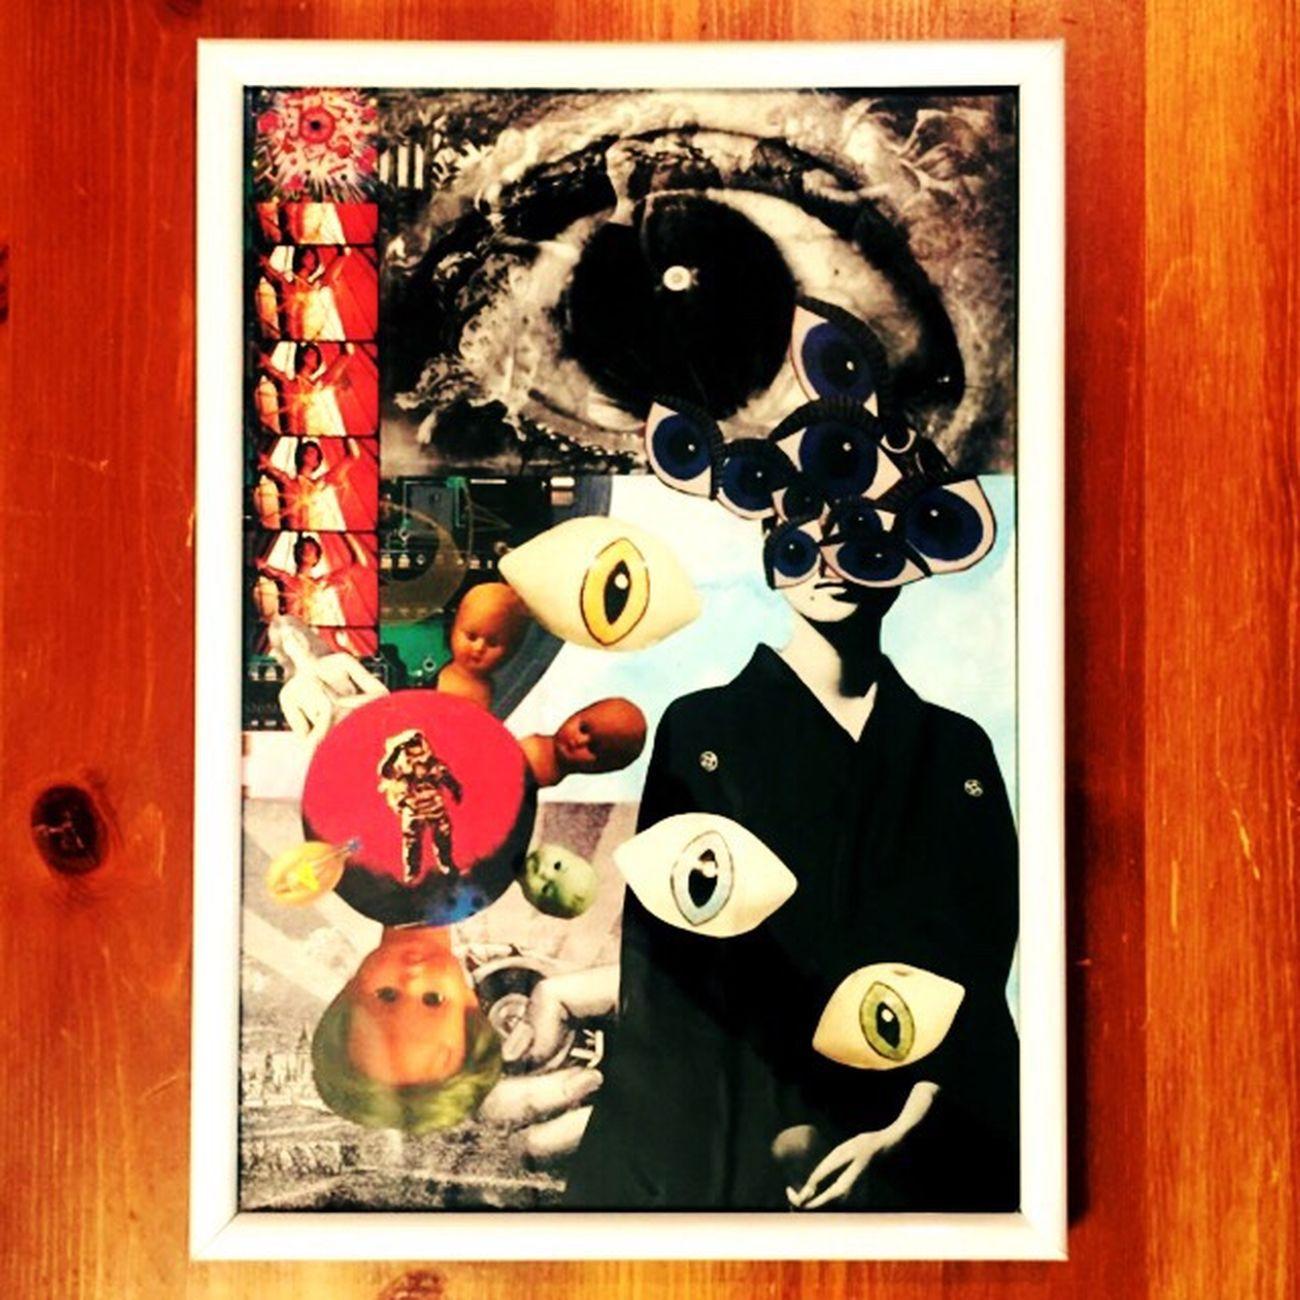 め Myartwork Eye Obsession Collage ArtWork Looking